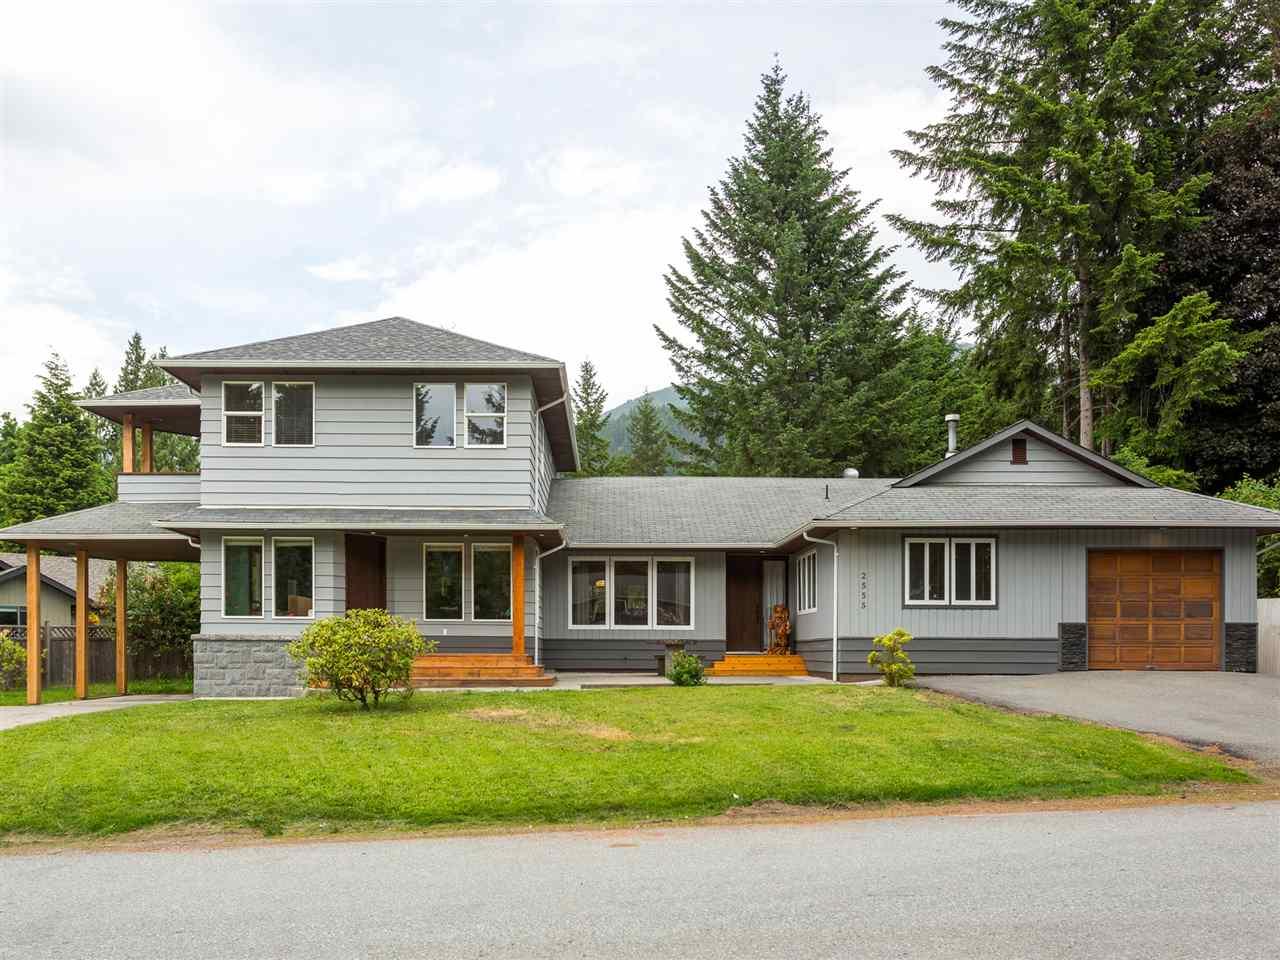 2555 JURA CRESCENT, Squamish, BC, V0N 1T0 Primary Photo